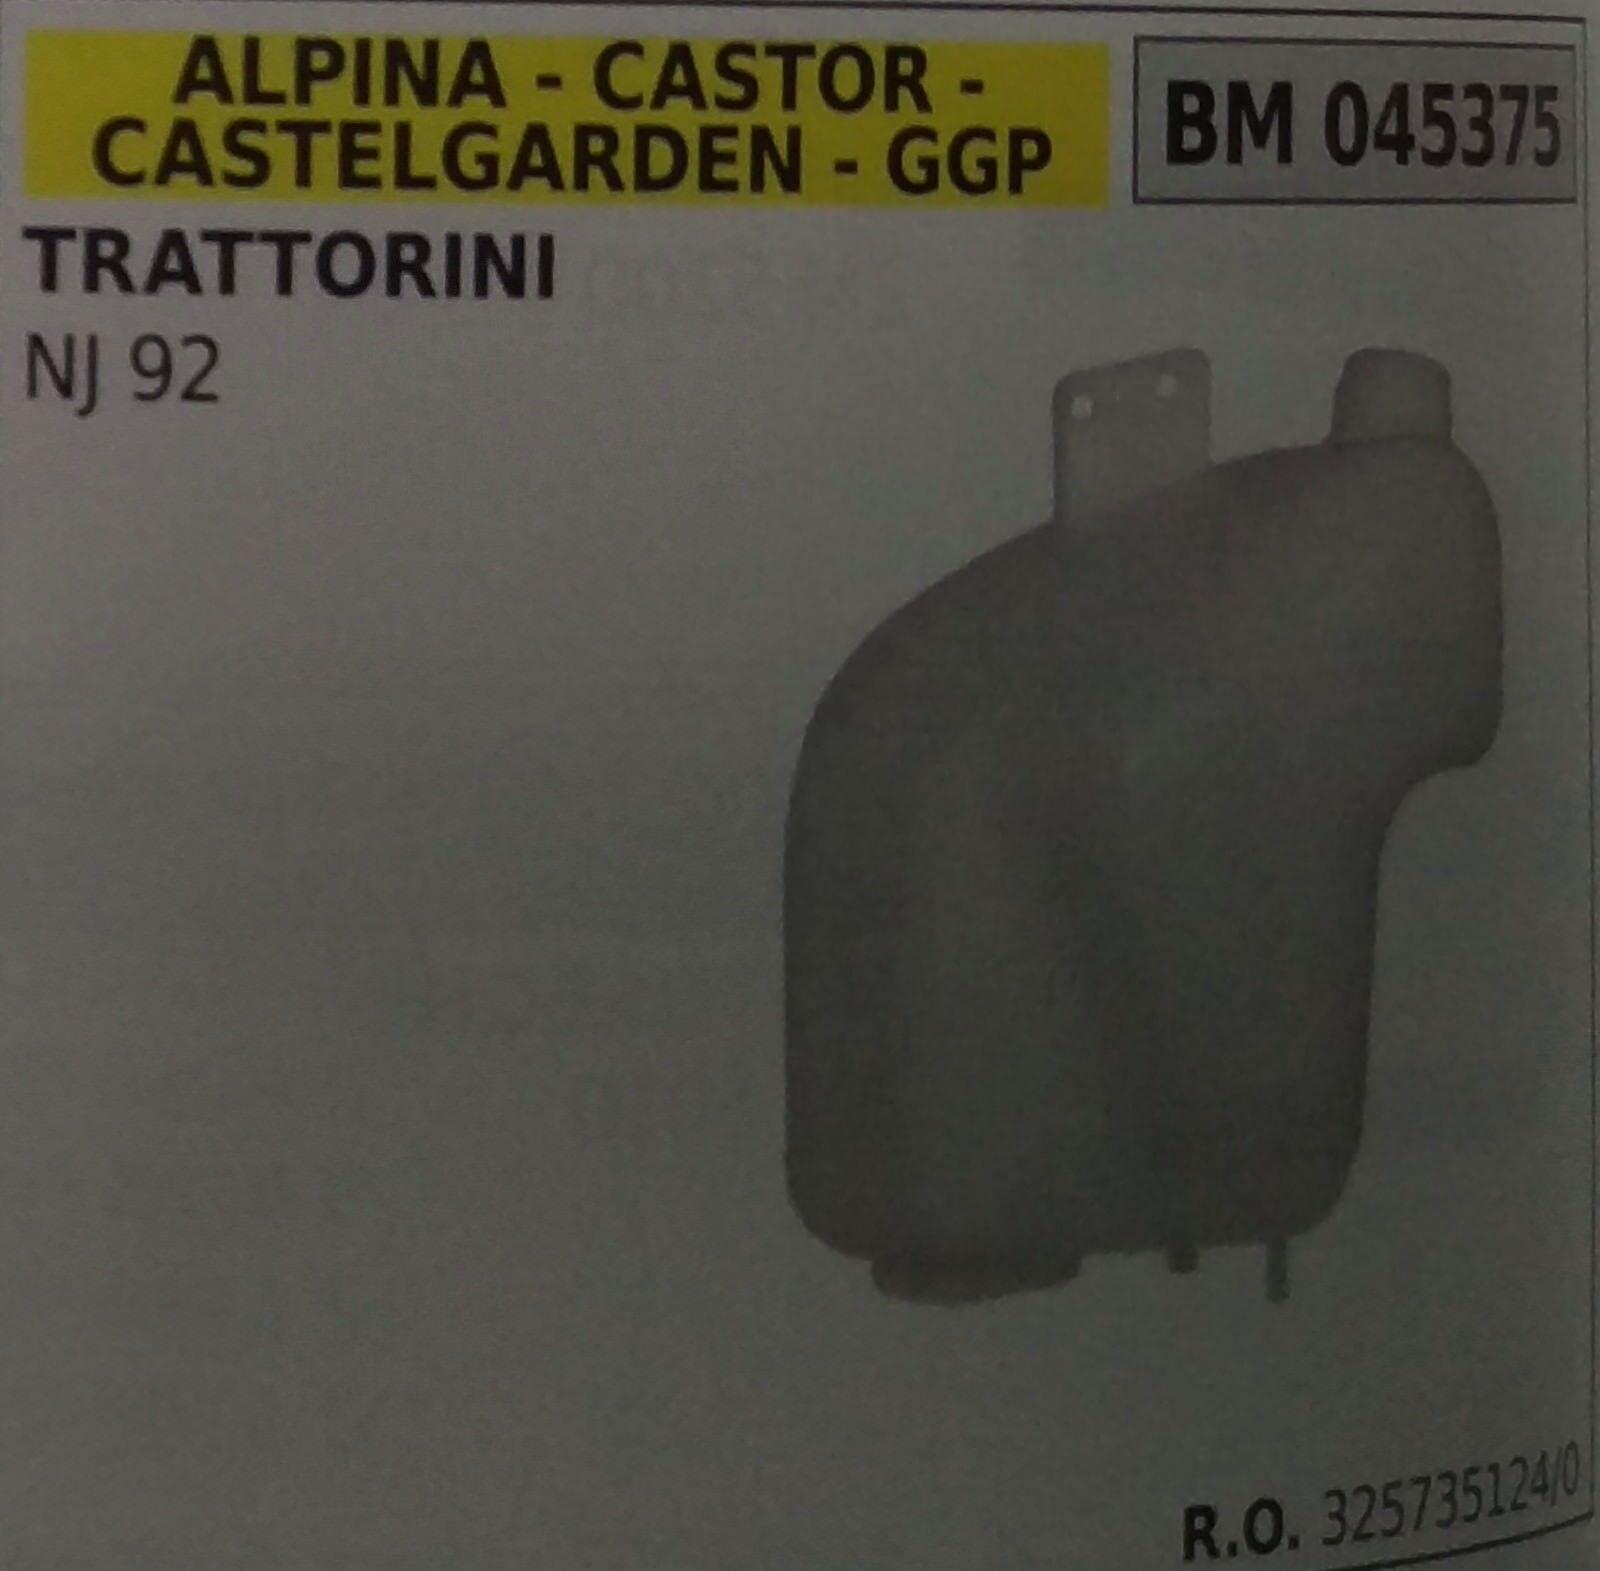 Tanque Completo Tractor Podadora Alpina Castor Castelgarden Stiga Ggp NJ92